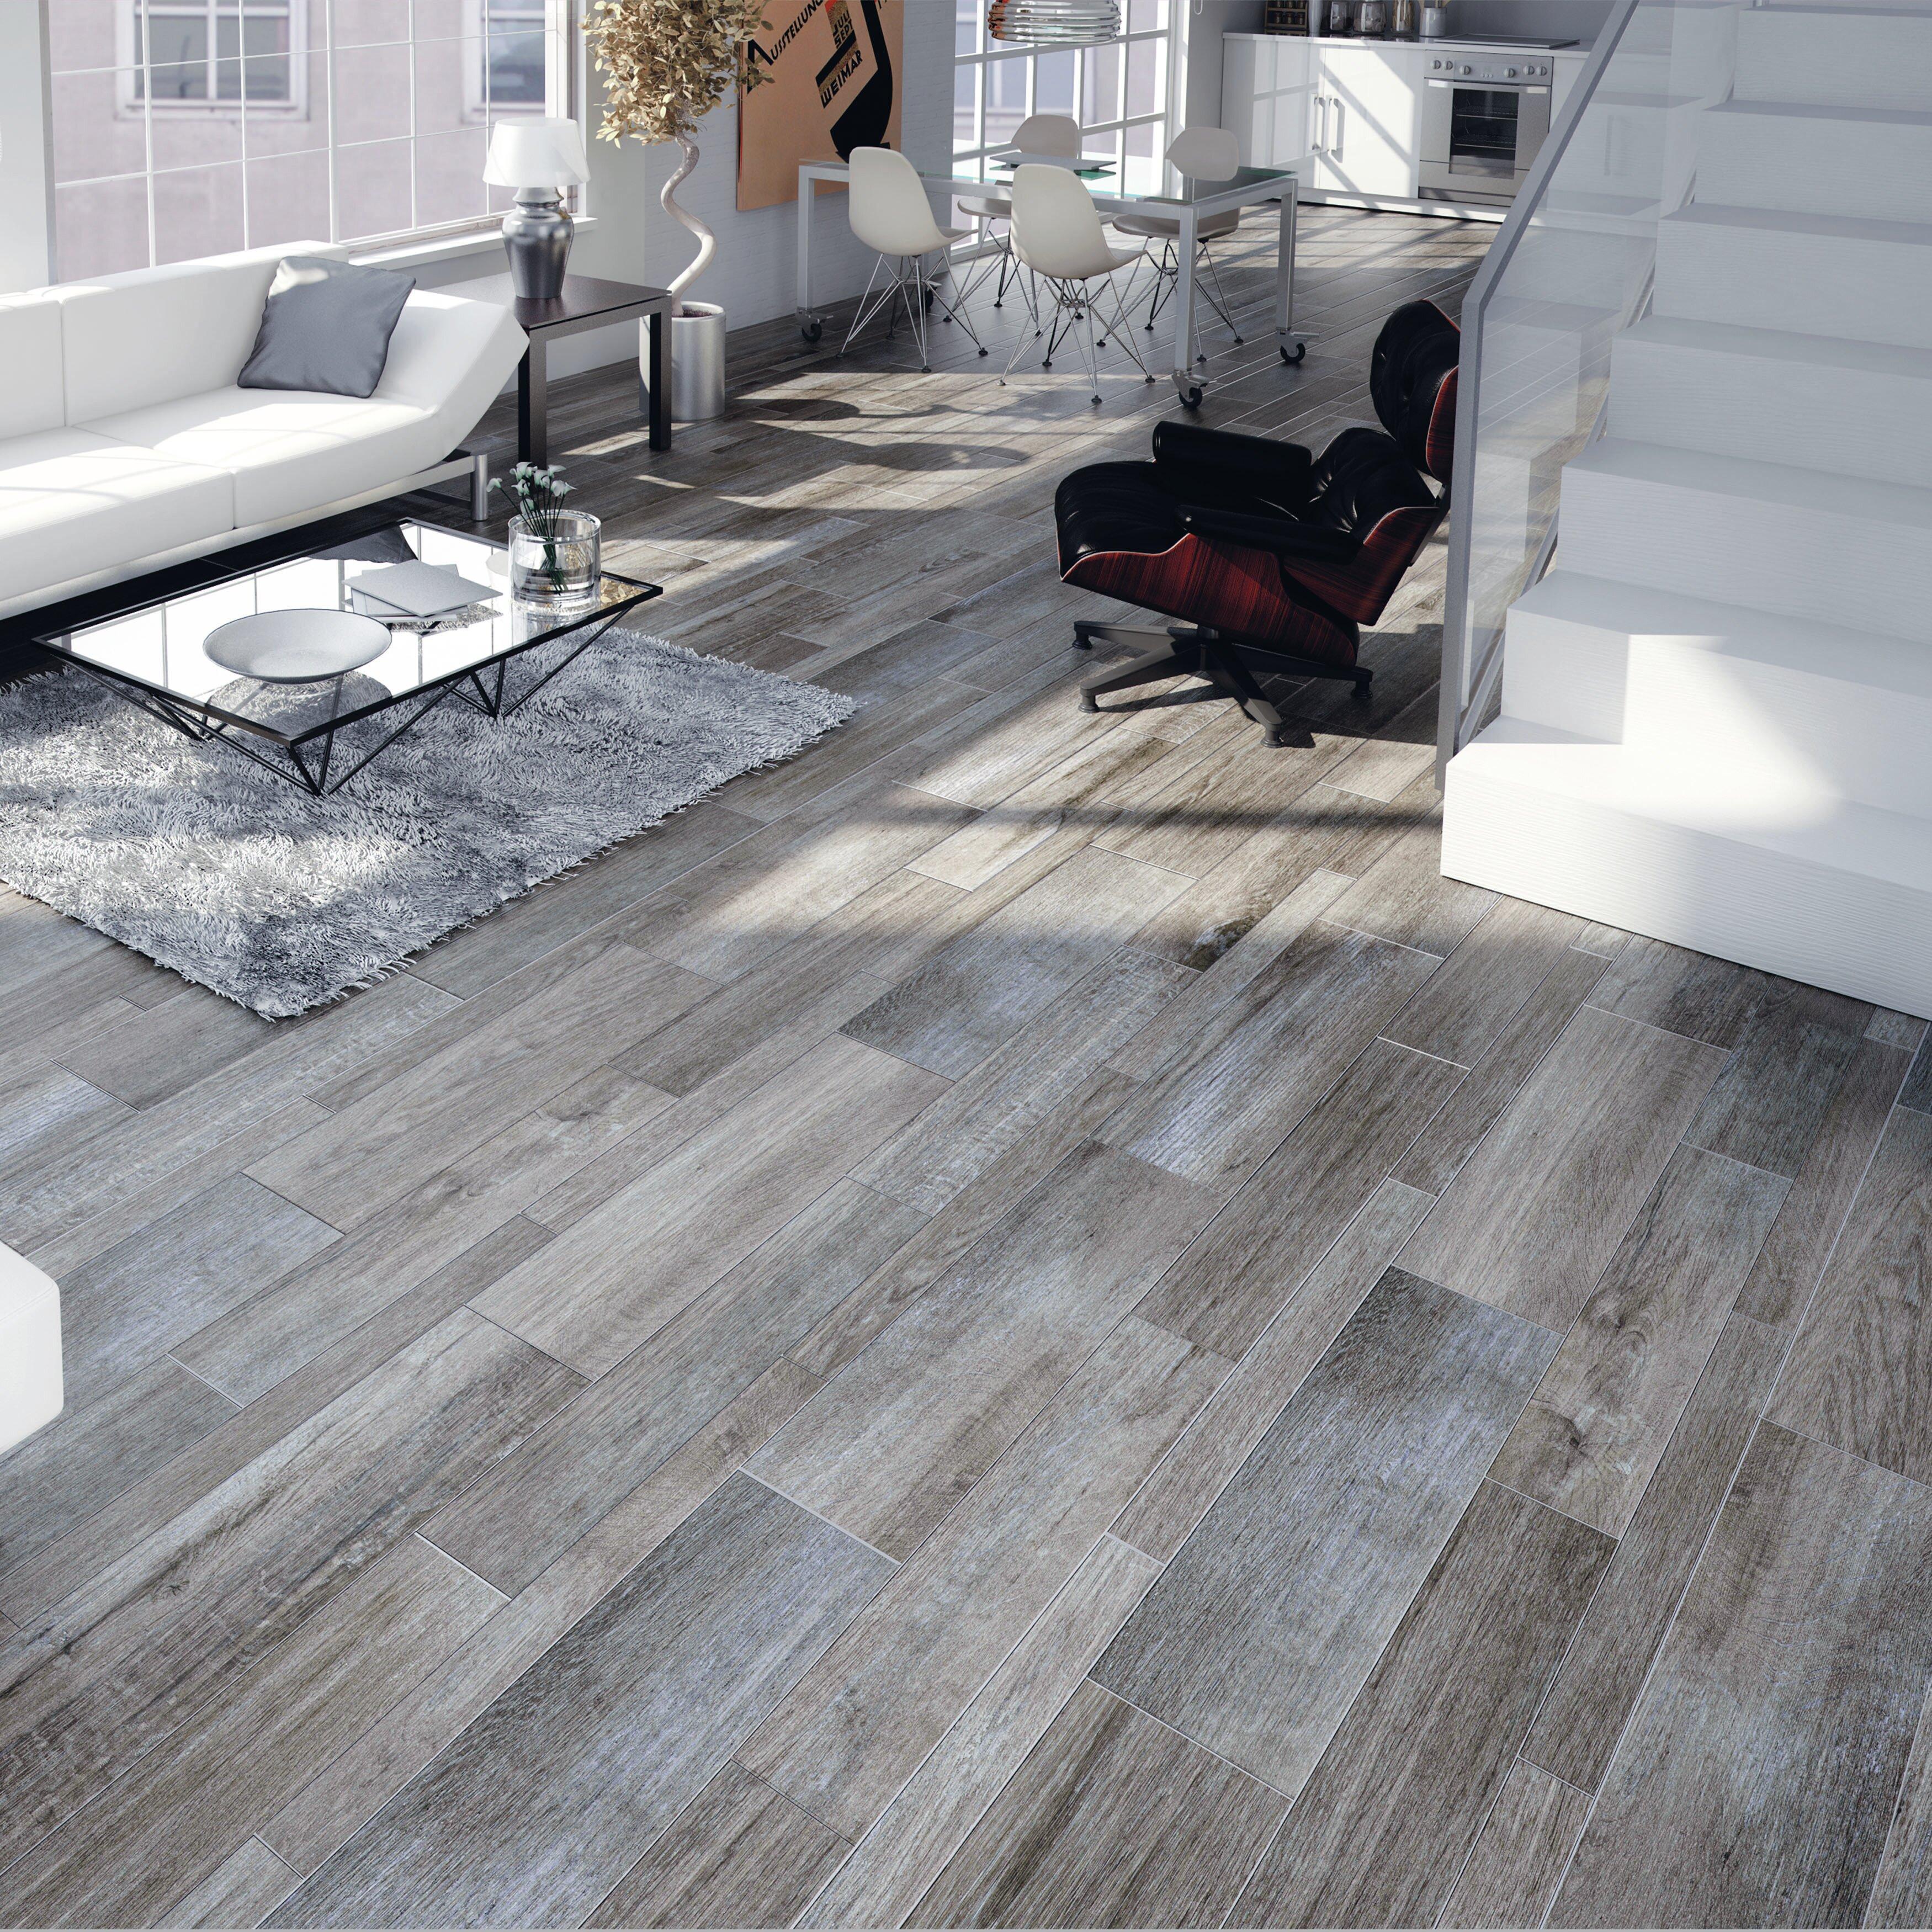 elitetile savona 8 x 26 porcelain wood tile in gris wayfair. Black Bedroom Furniture Sets. Home Design Ideas